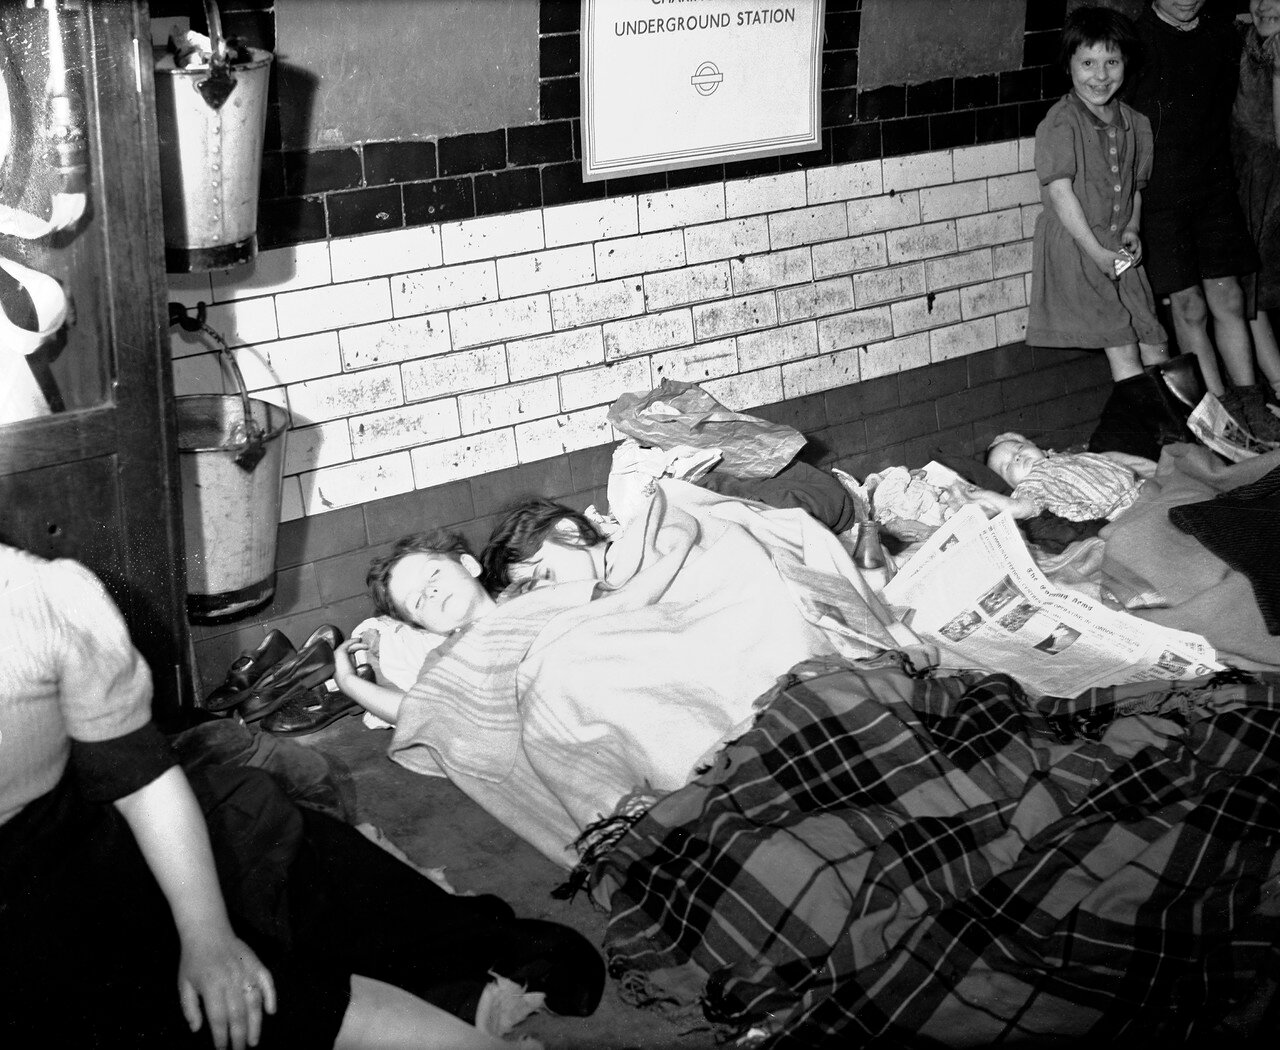 1940. Дети спят на платформе станции лондонского метро, где они укрывались со своими семьями во время ночных бомбардировок